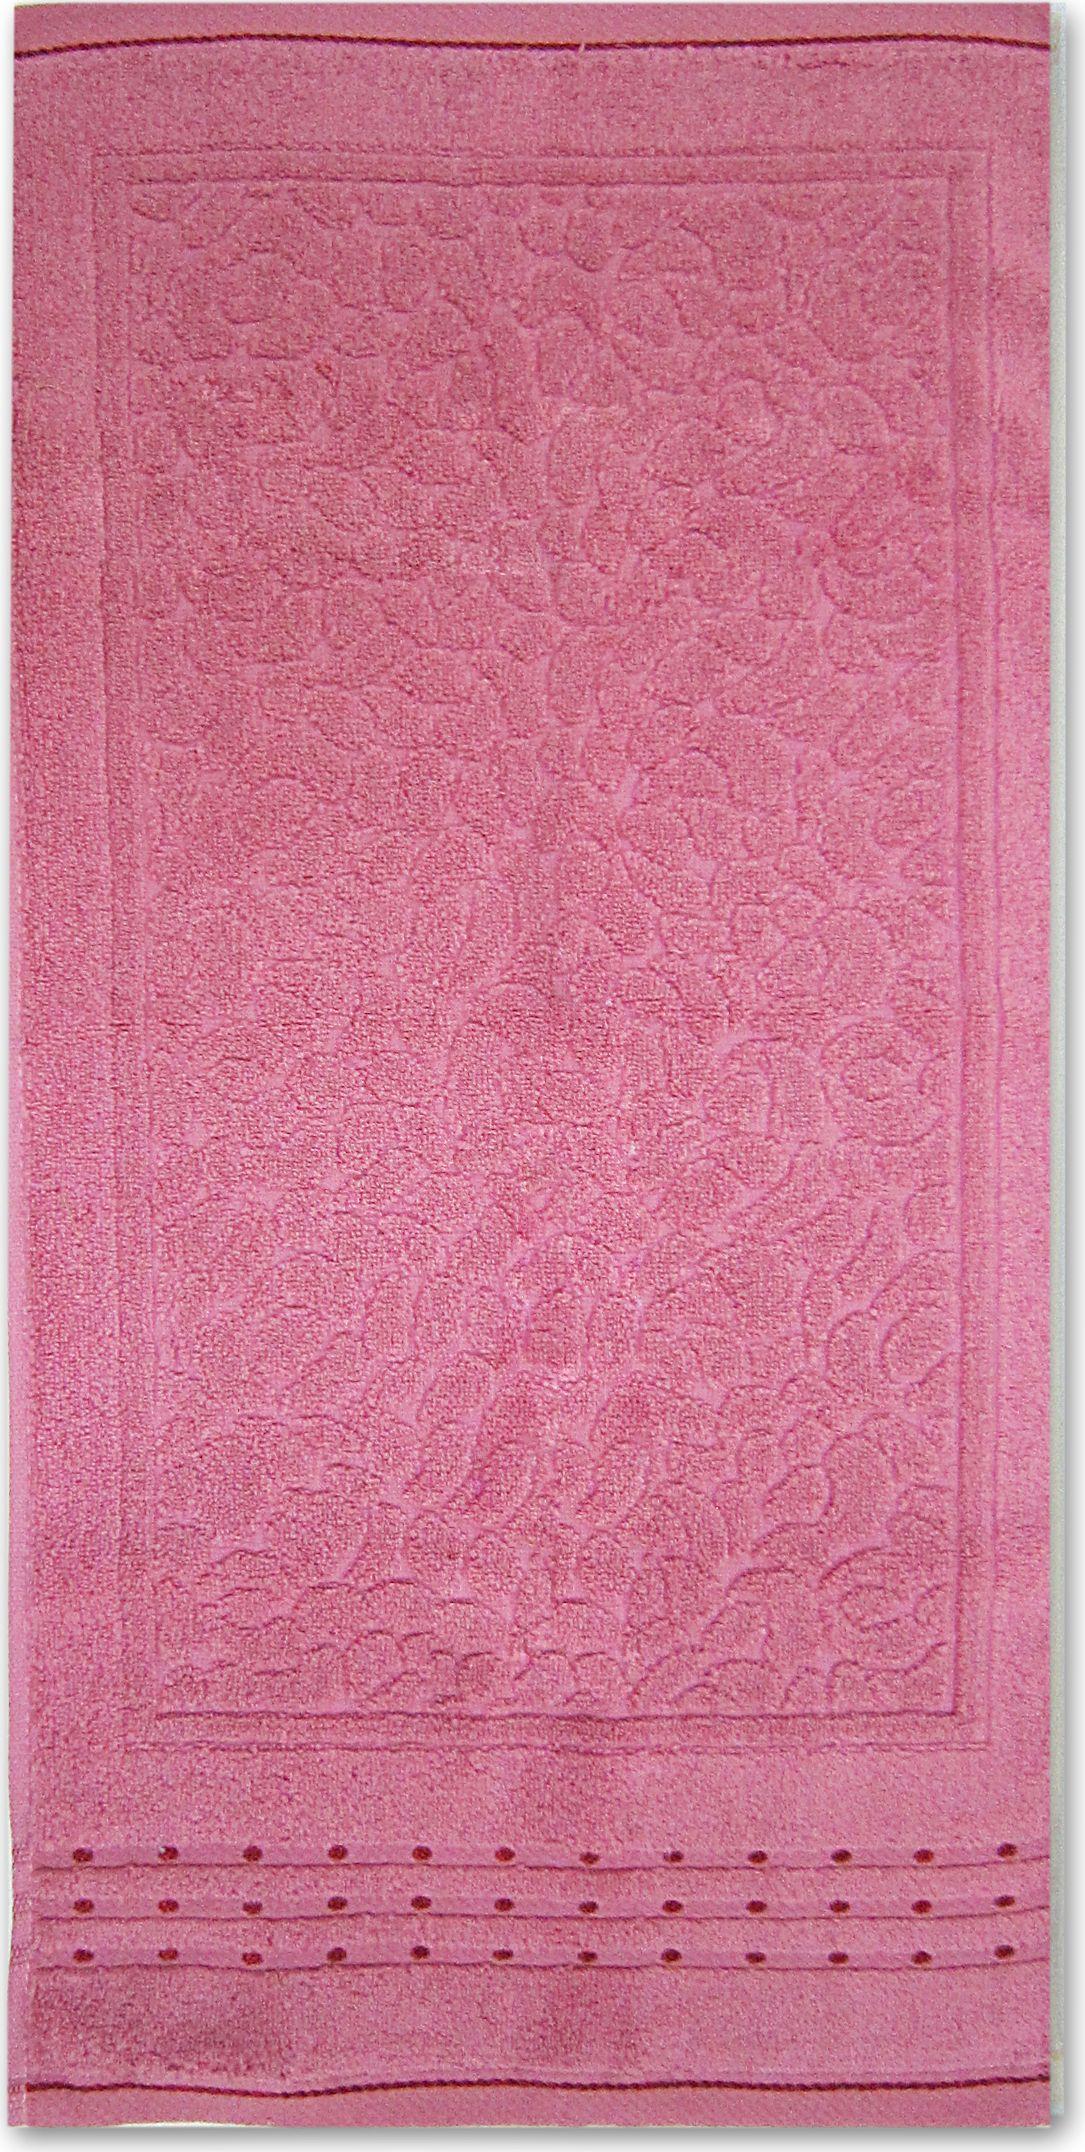 Полотенце махровое Bravo Морион, цвет: малиновый, 50 х 90 см bravo полотенце детское пони 33 x 70 см 1089